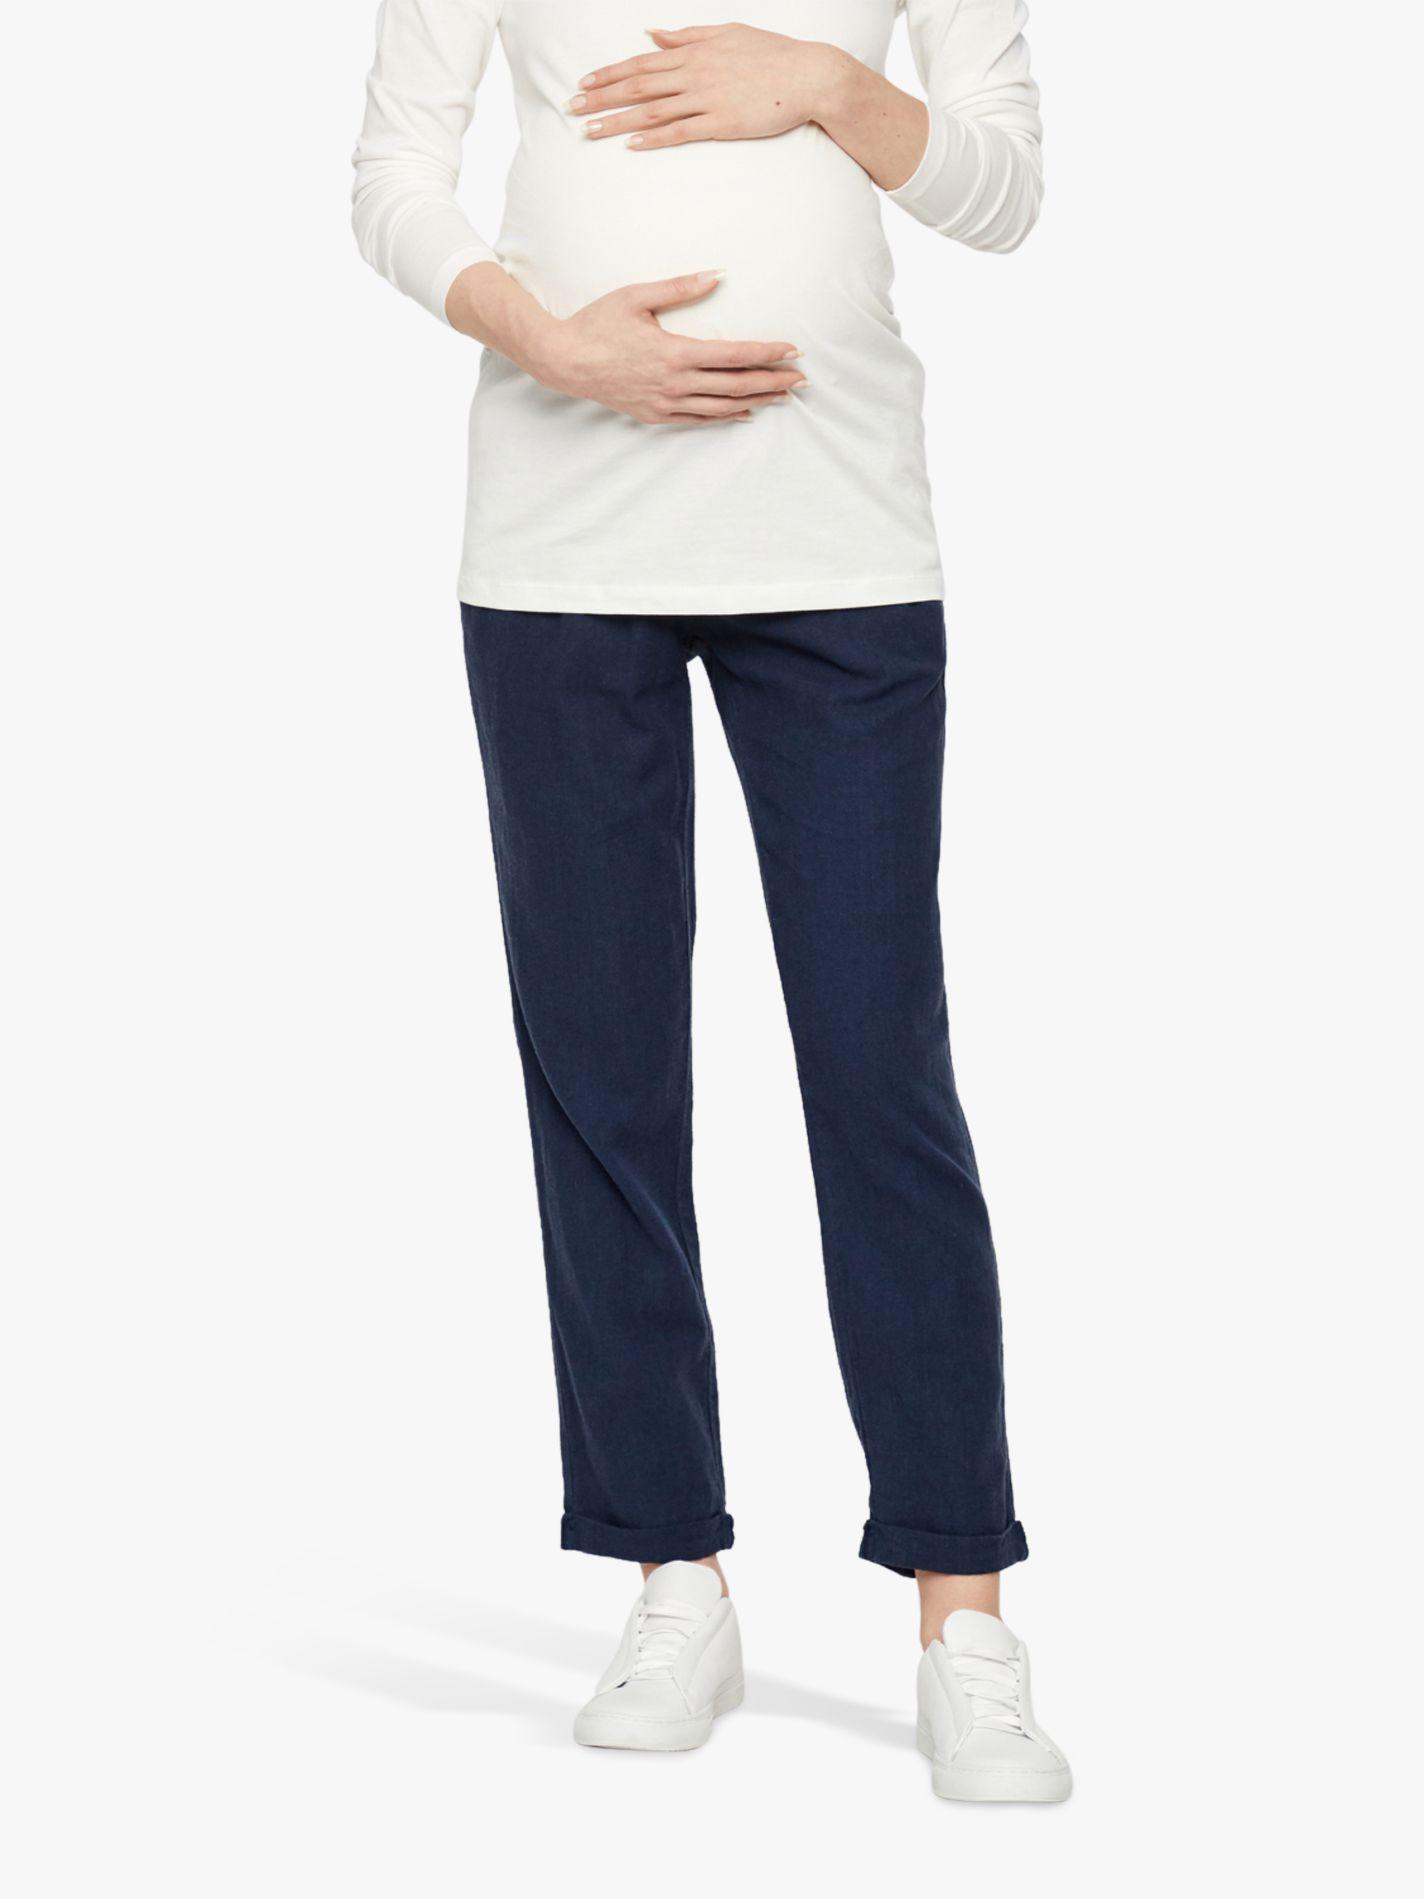 Mamalicious Mamalicious Beach Woven Maternity Trousers, Blue